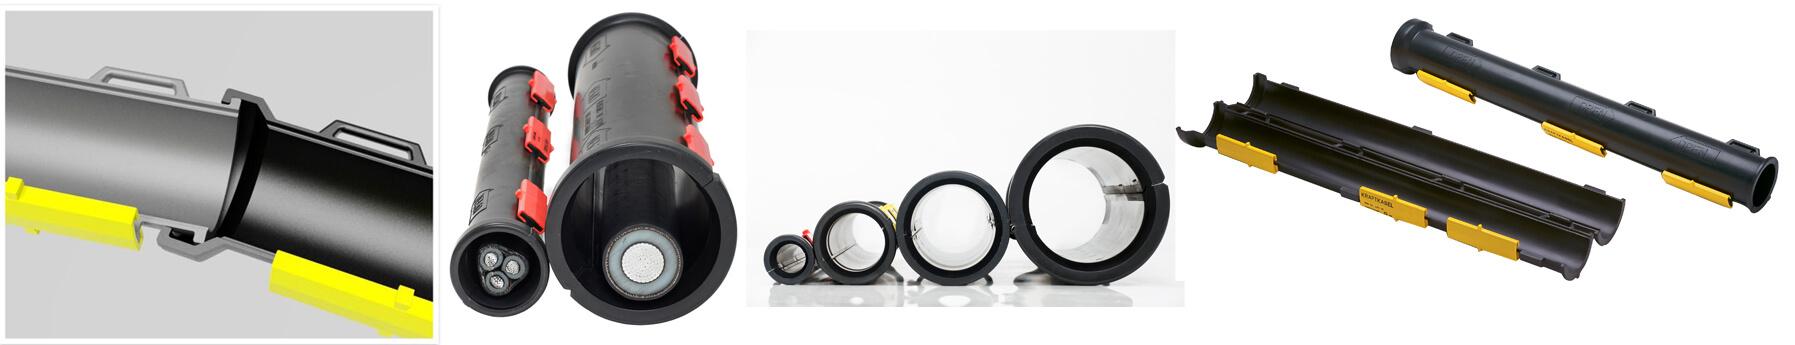 Kabelskydd-slide-02r2-ENG